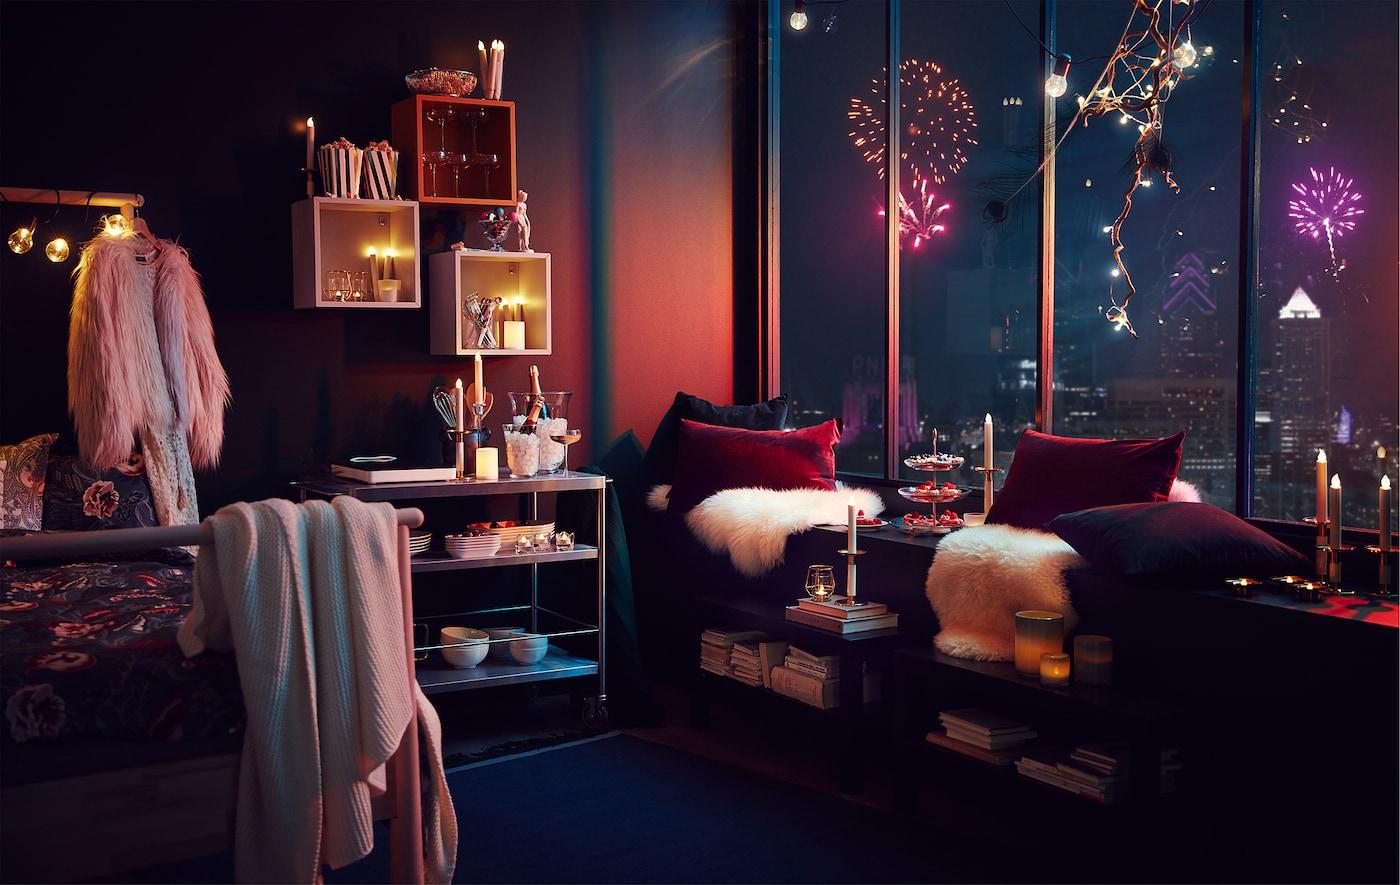 Interijer stana s ukrasima i rasvjetom za zabavu; vatromet iznad grada vidljiv je kroz visoke prozore.